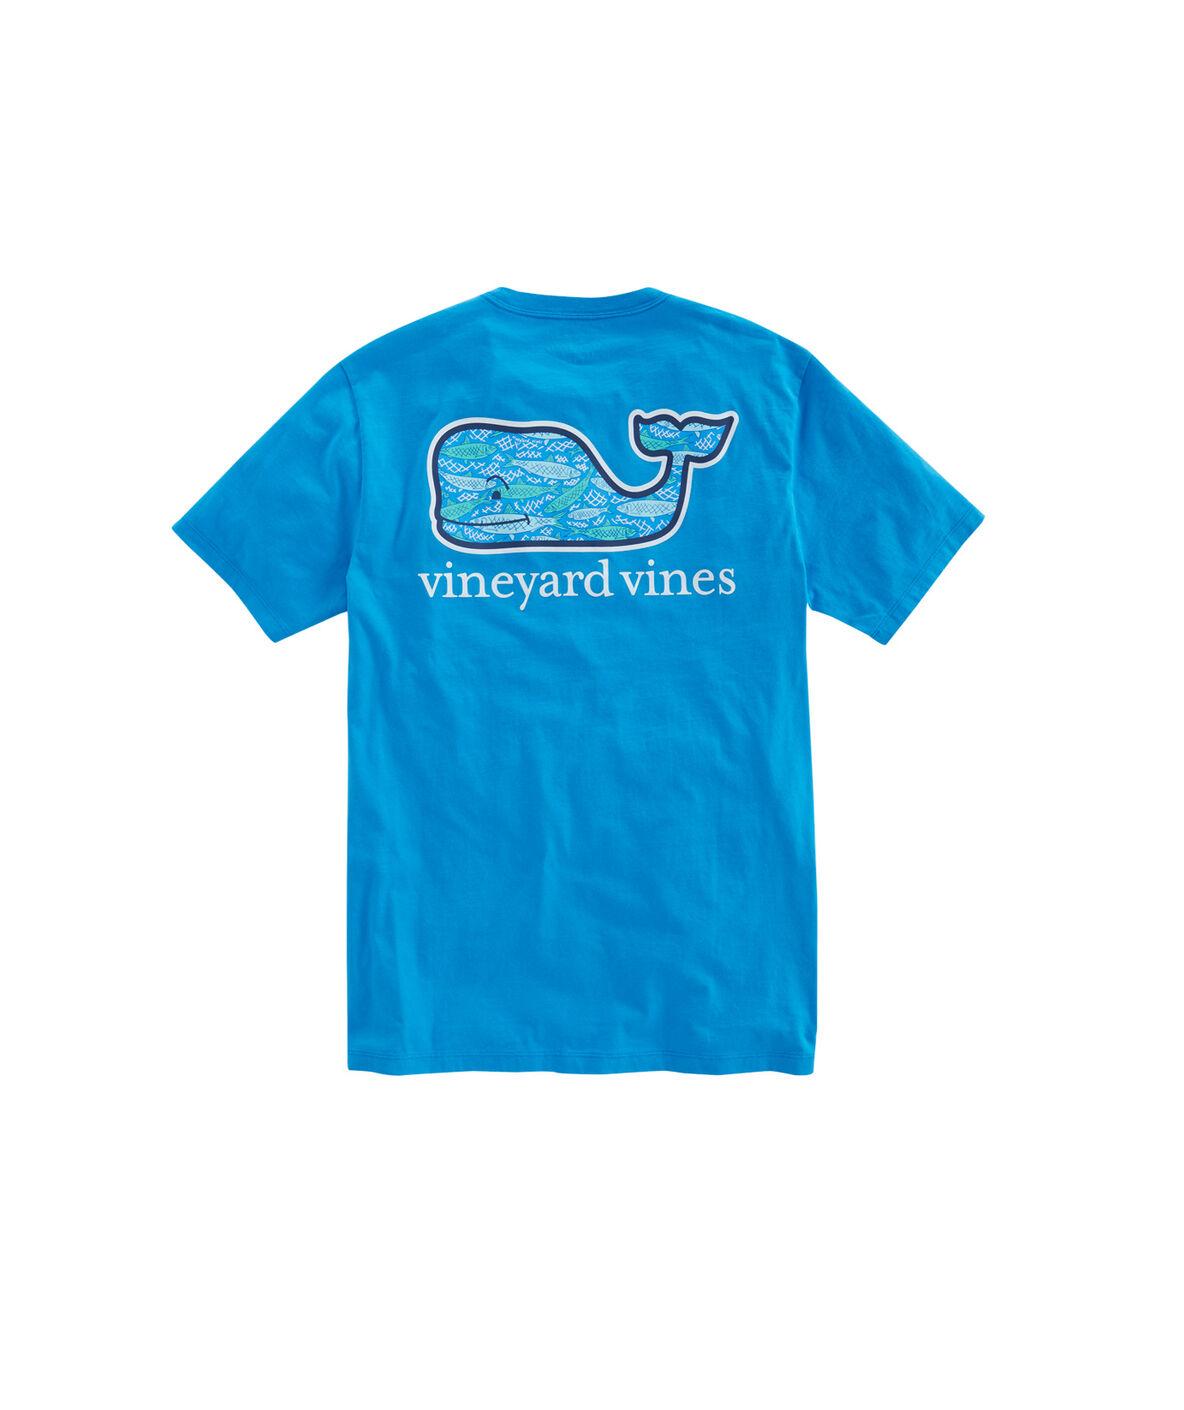 Shop Mens T-shirts at vineyard vines - FREE Shipping